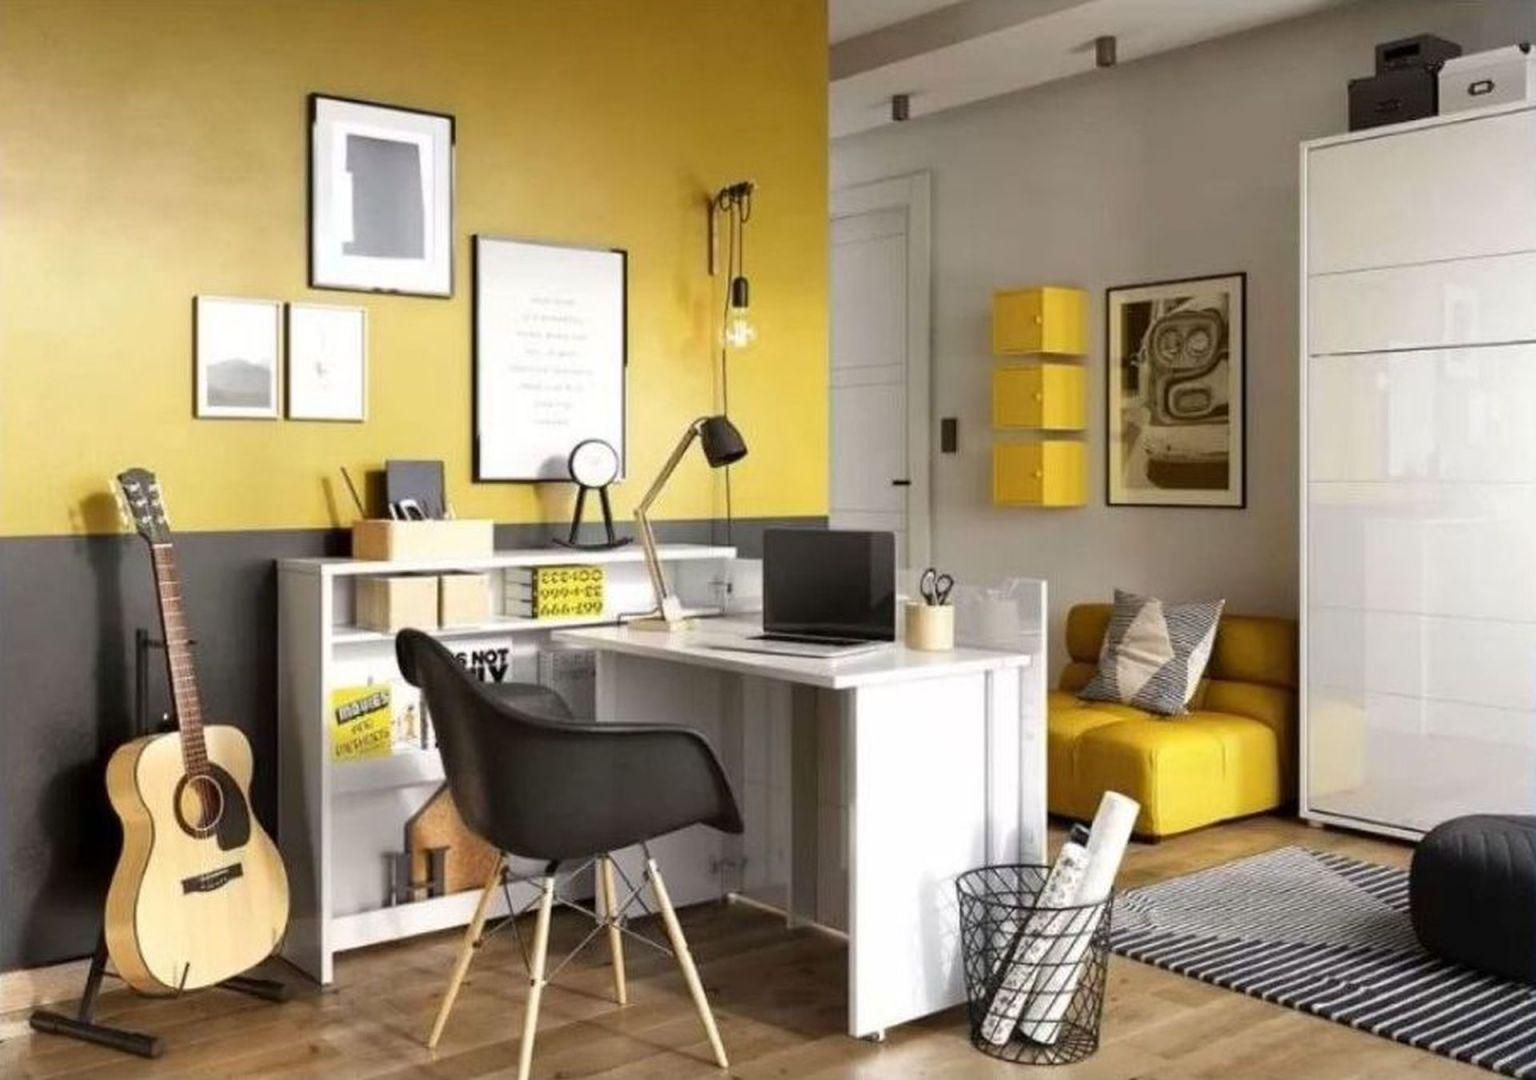 Pomysł na domowe biuro. Na zdjęciu biurko WorkConcept i łóżko BedConcept marki Lenart, dostępne w Domotece. Fot. mat. prasowe Domoteka